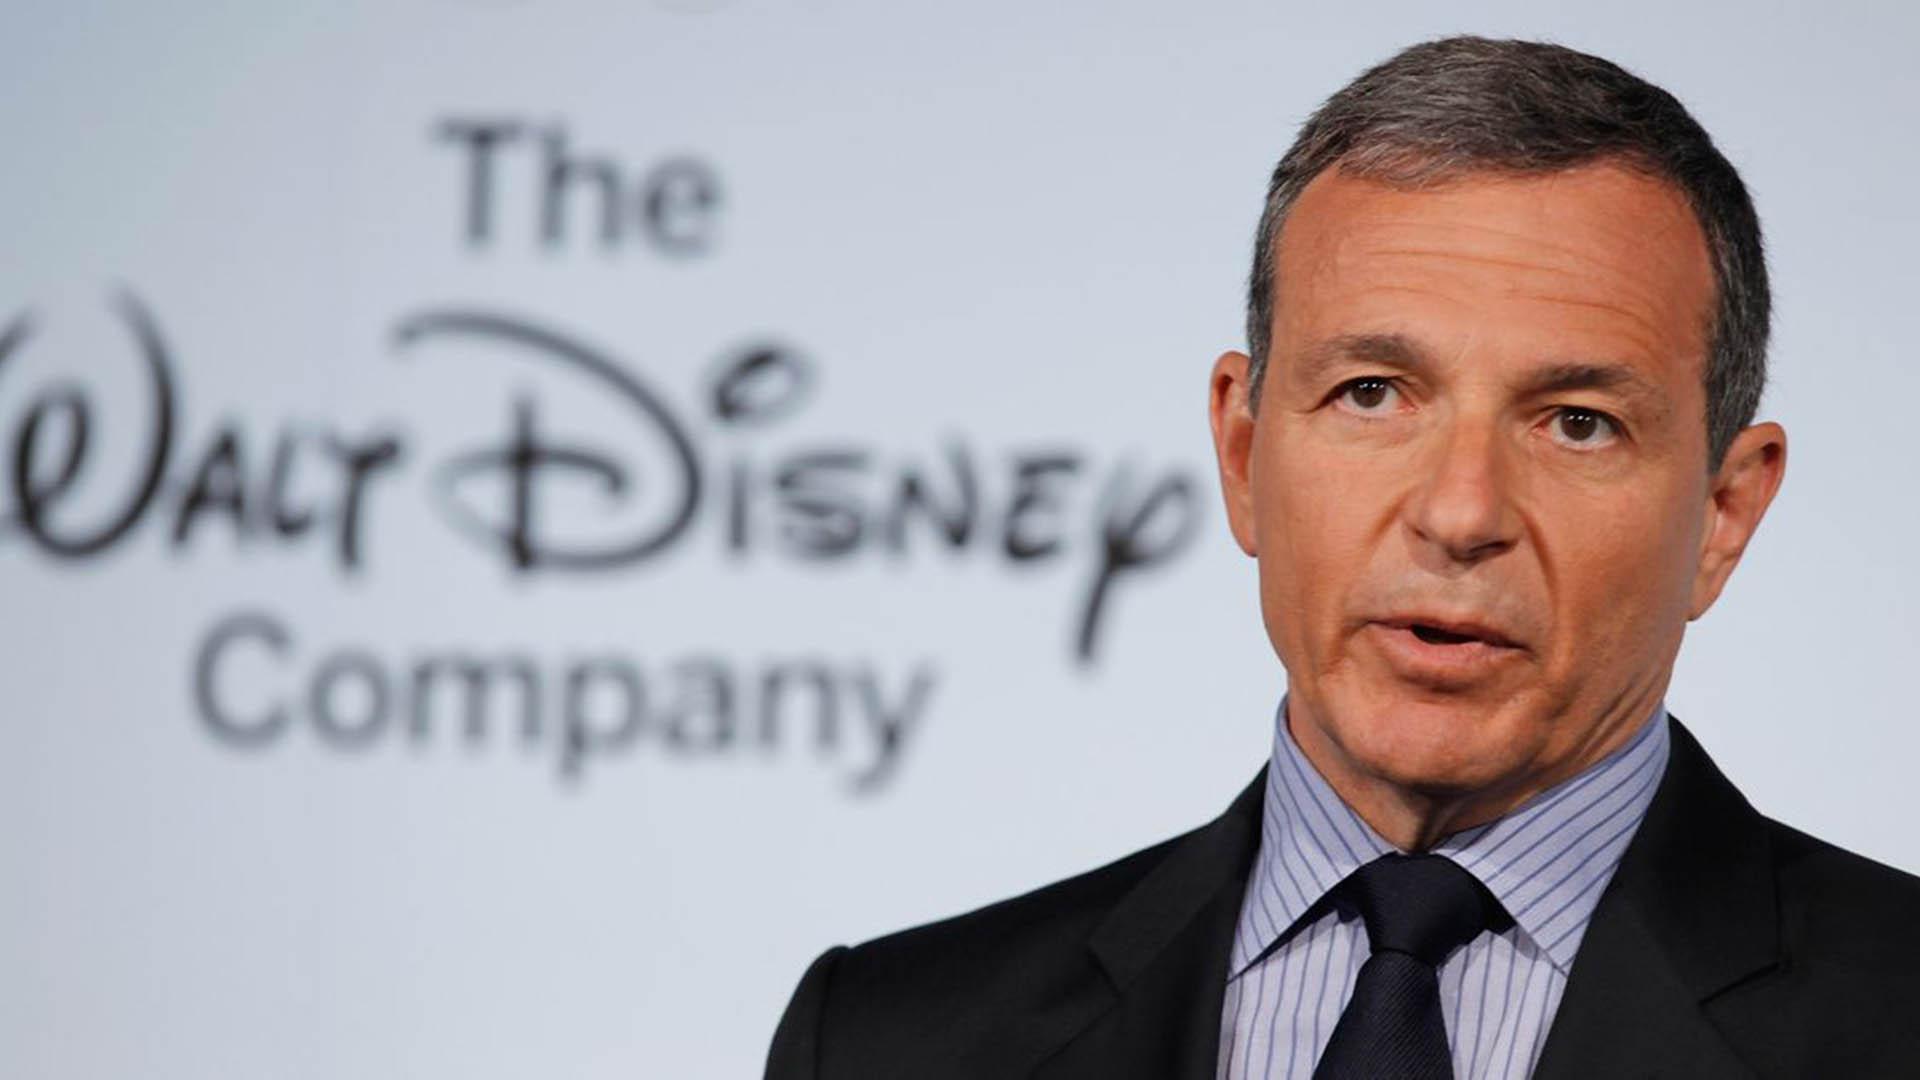 Walt Disney готує ревізію для проектів Fox